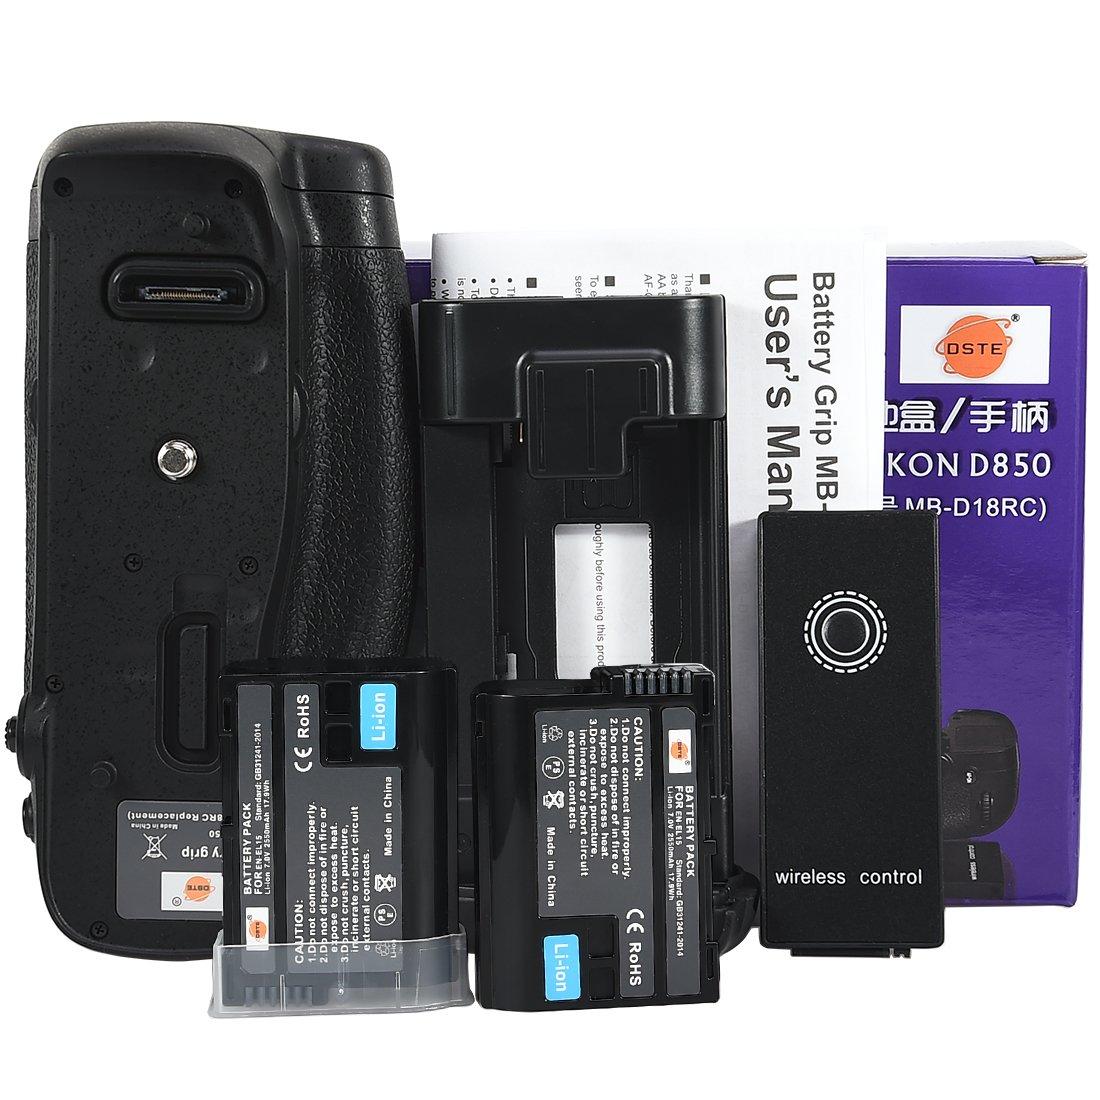 2/x EN-EL15/Bater/ía para Nikon D850/Digital SLR C/ámara DSTE mb-d18/empu/ñadura de bater/ía con funci/ón de control remoto por infrarrojos